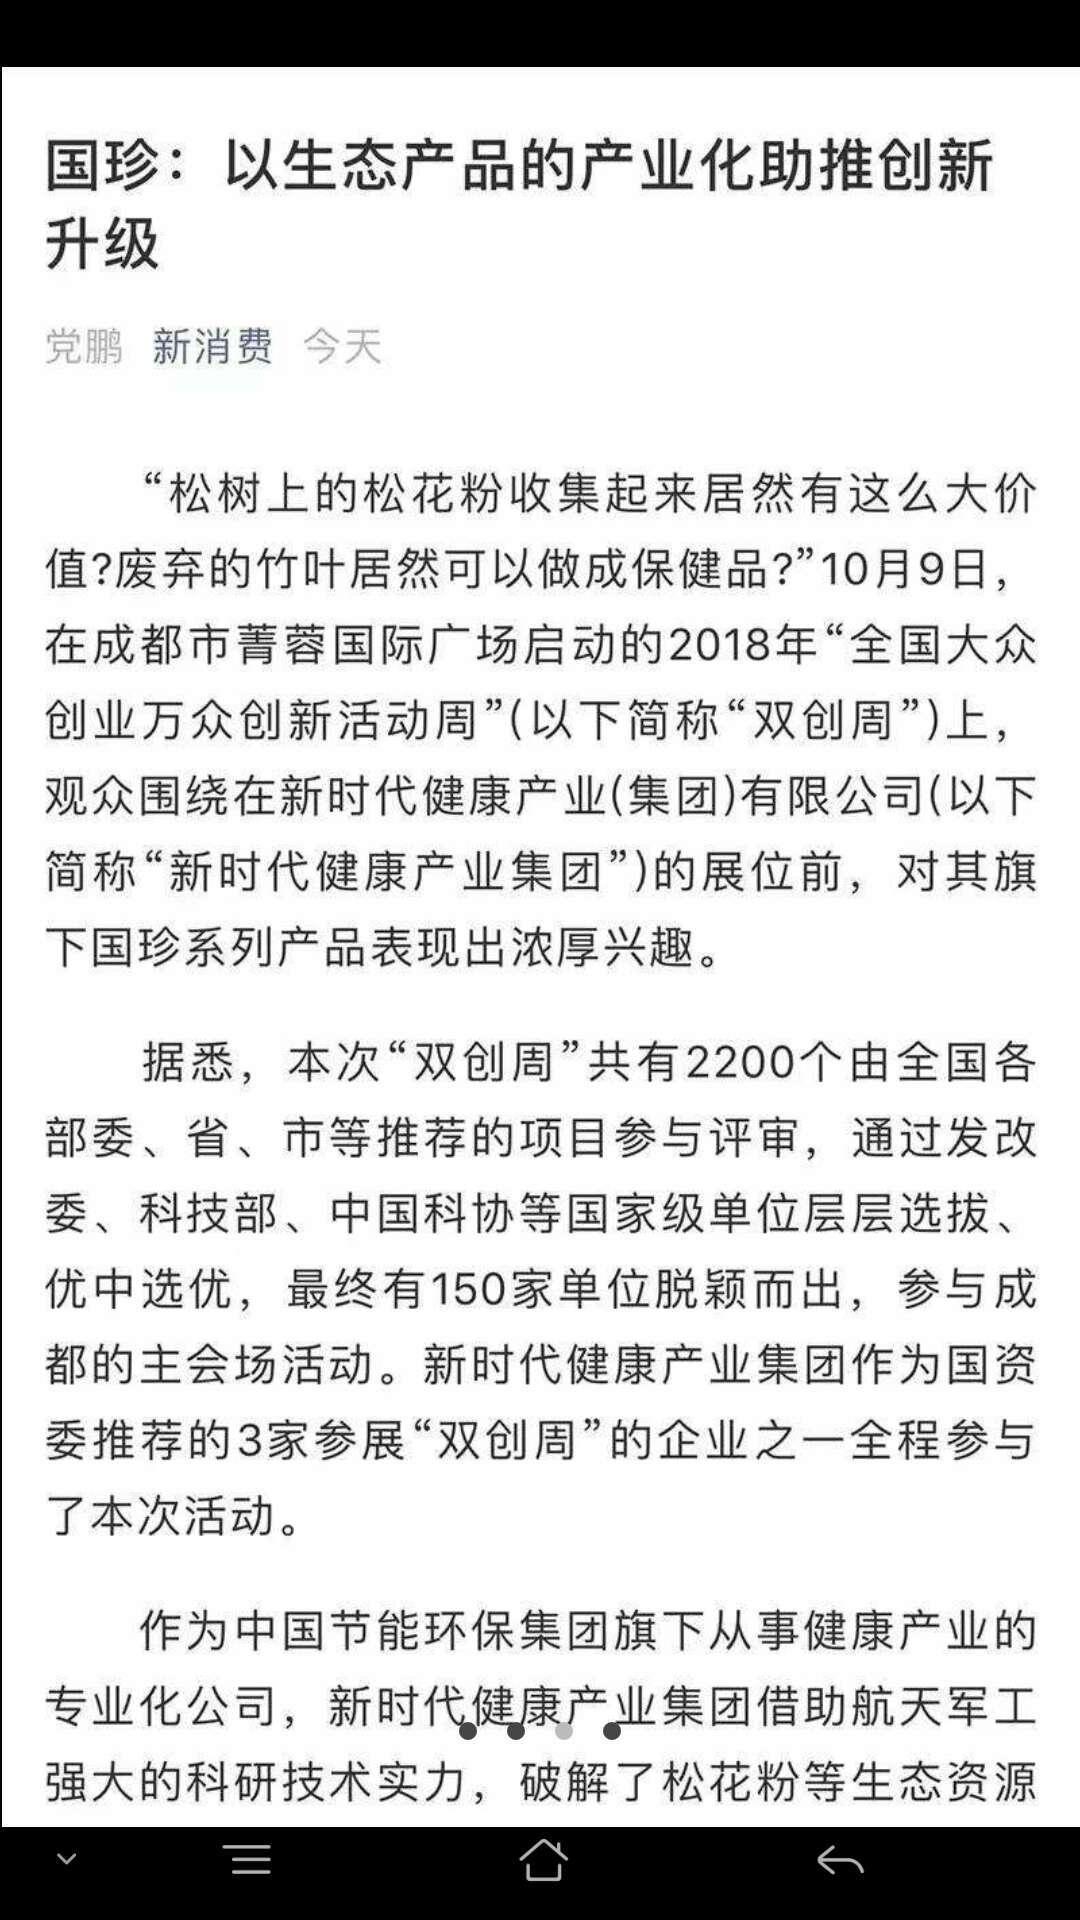 国珍(新时代)团队-公司介绍